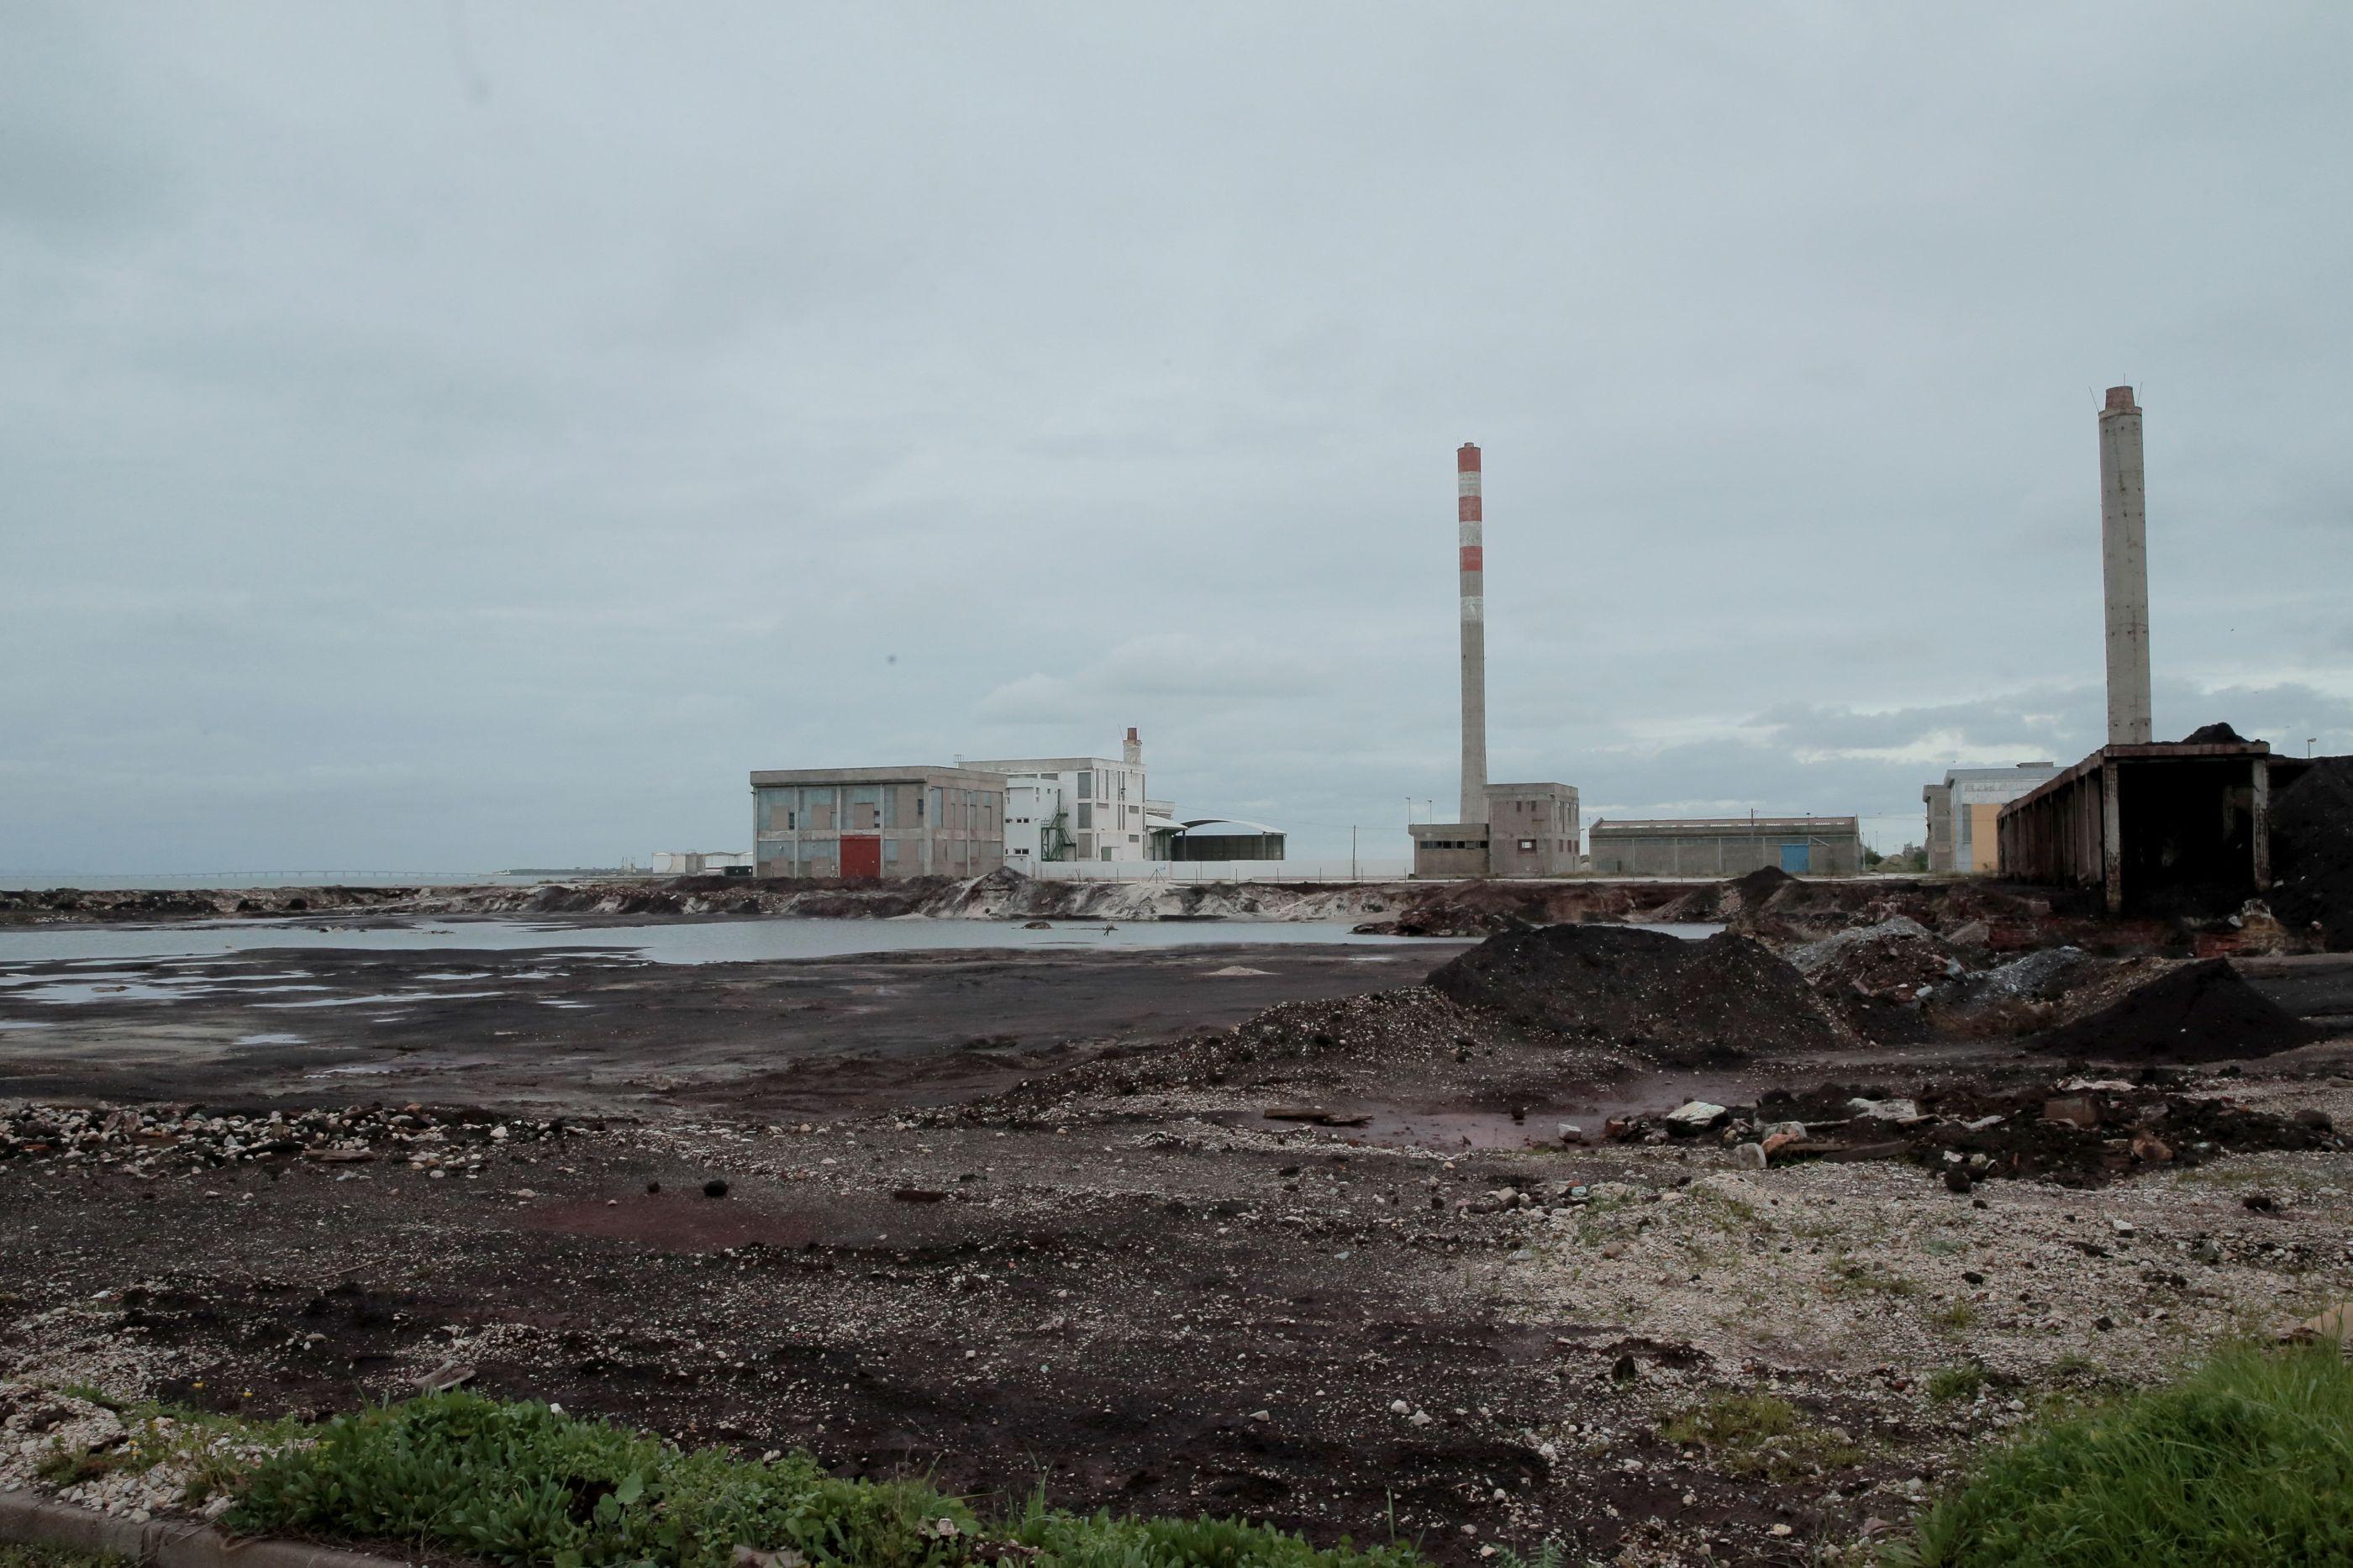 Investimento de 8,7 milhões para remover resíduos do parque do Seixal